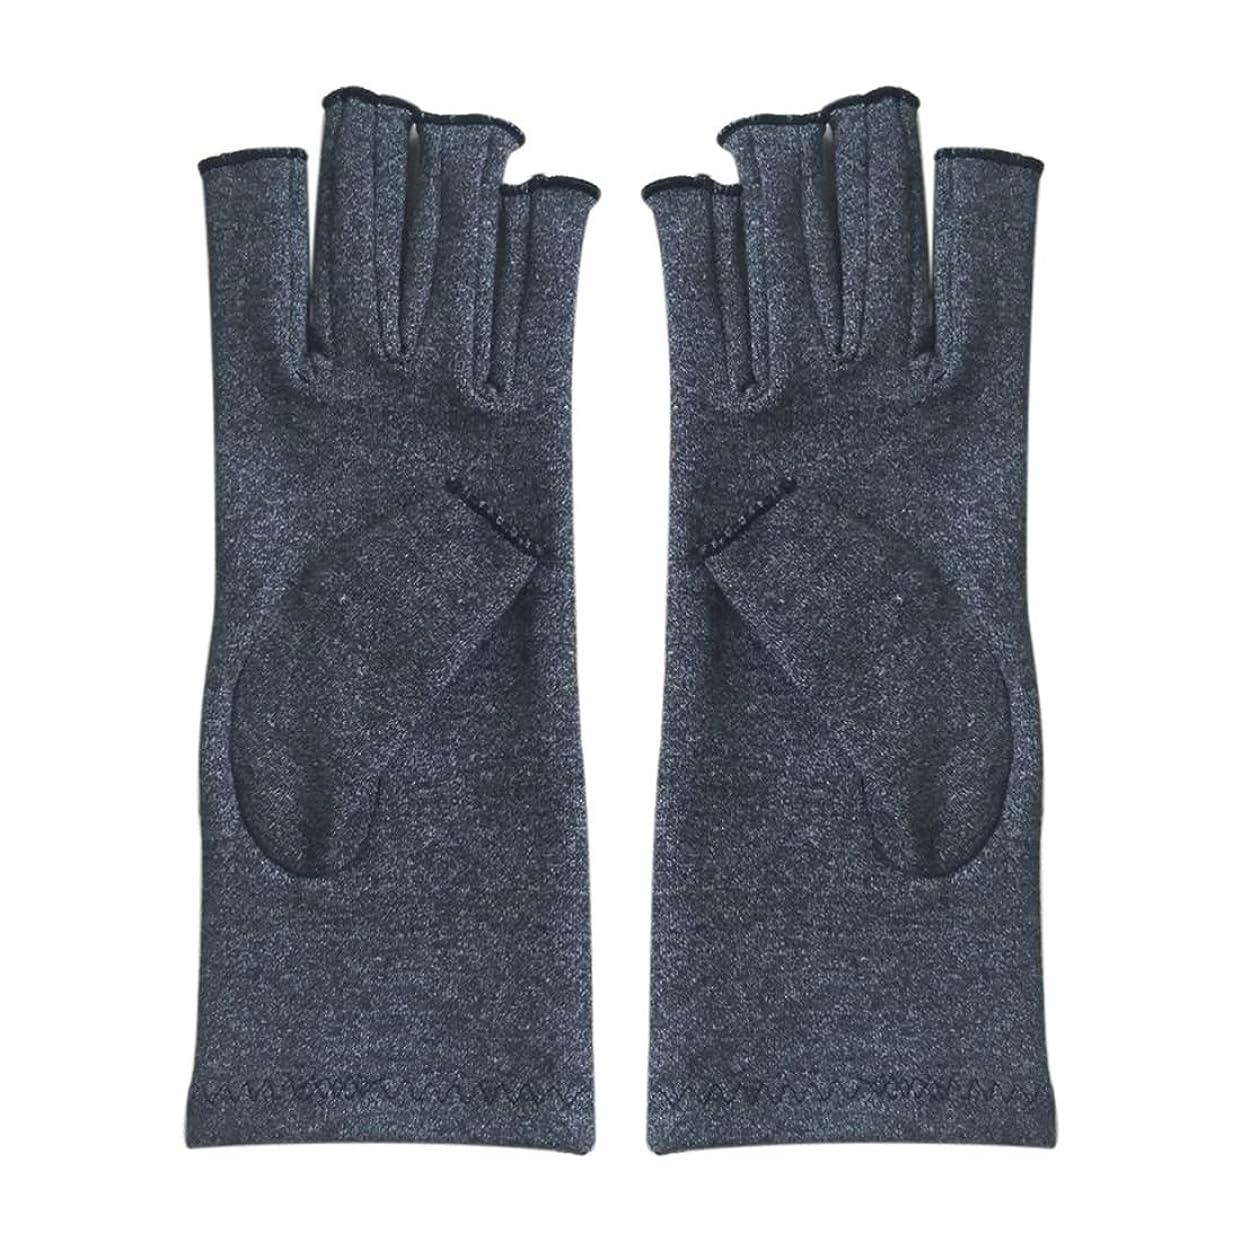 コースアルカイックマーケティングTOOGOO ペア 弾性コットンコンプレッション手袋 ユニセックス 関節炎 関節痛 鎮痛 軽減 S 灰色